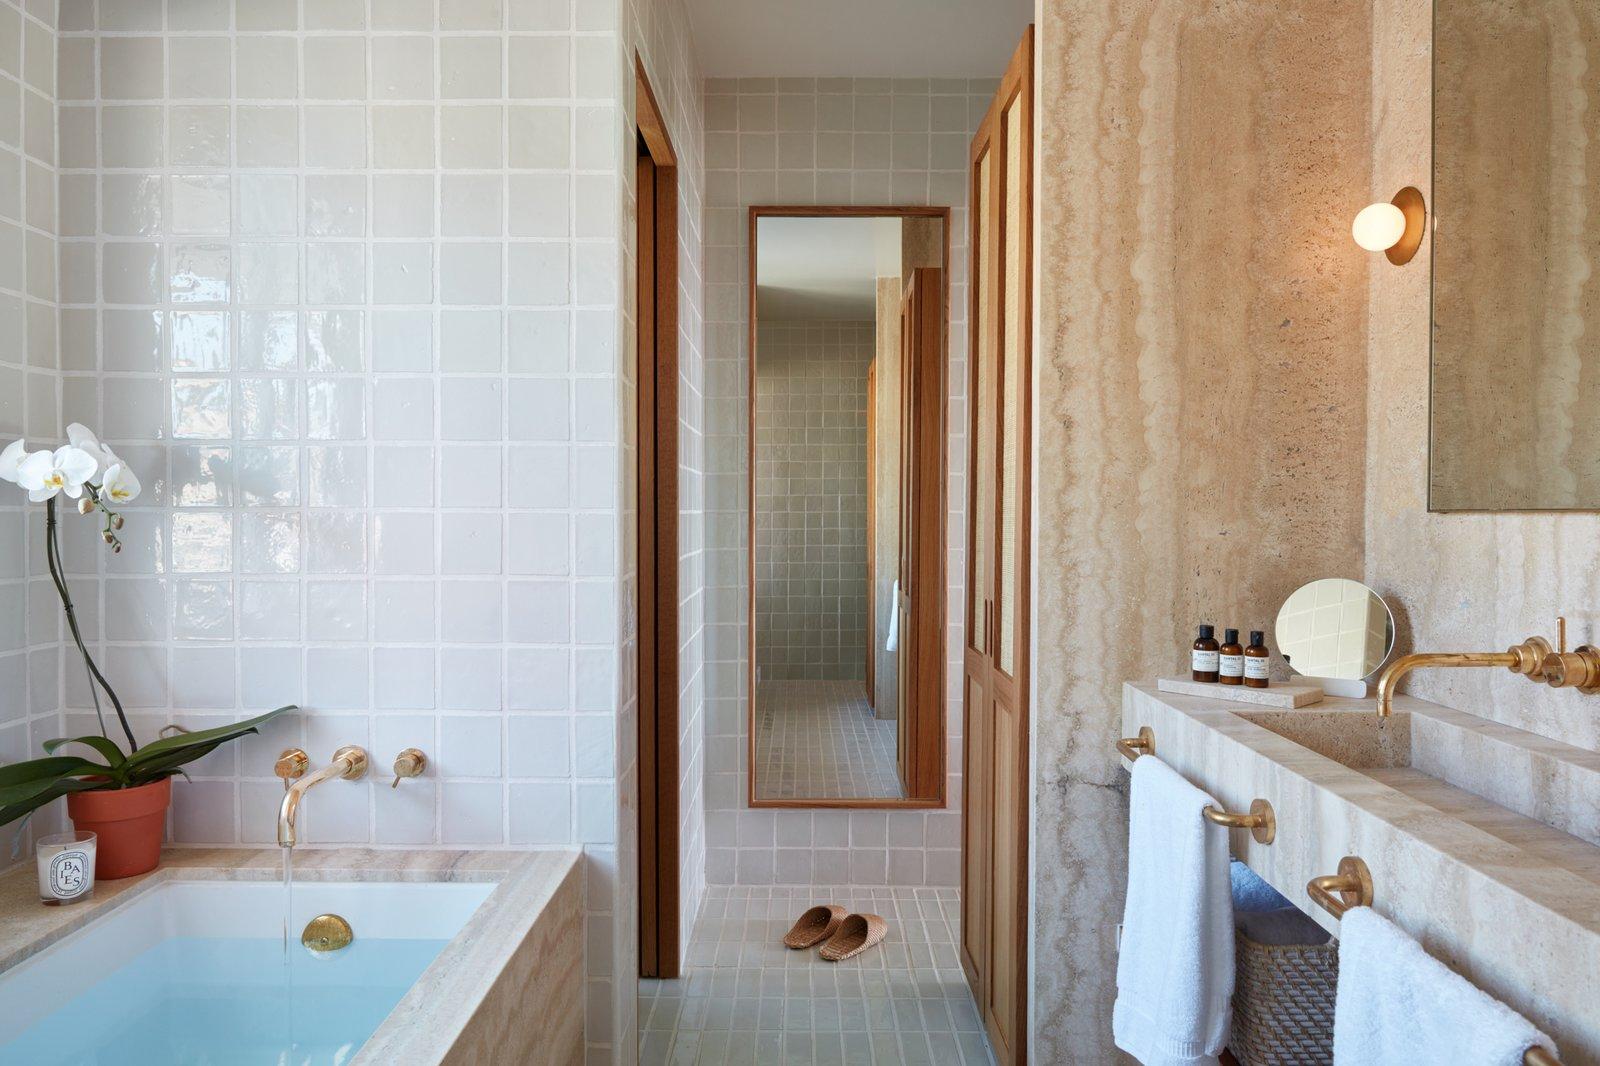 Hotel Joaquin bathroom